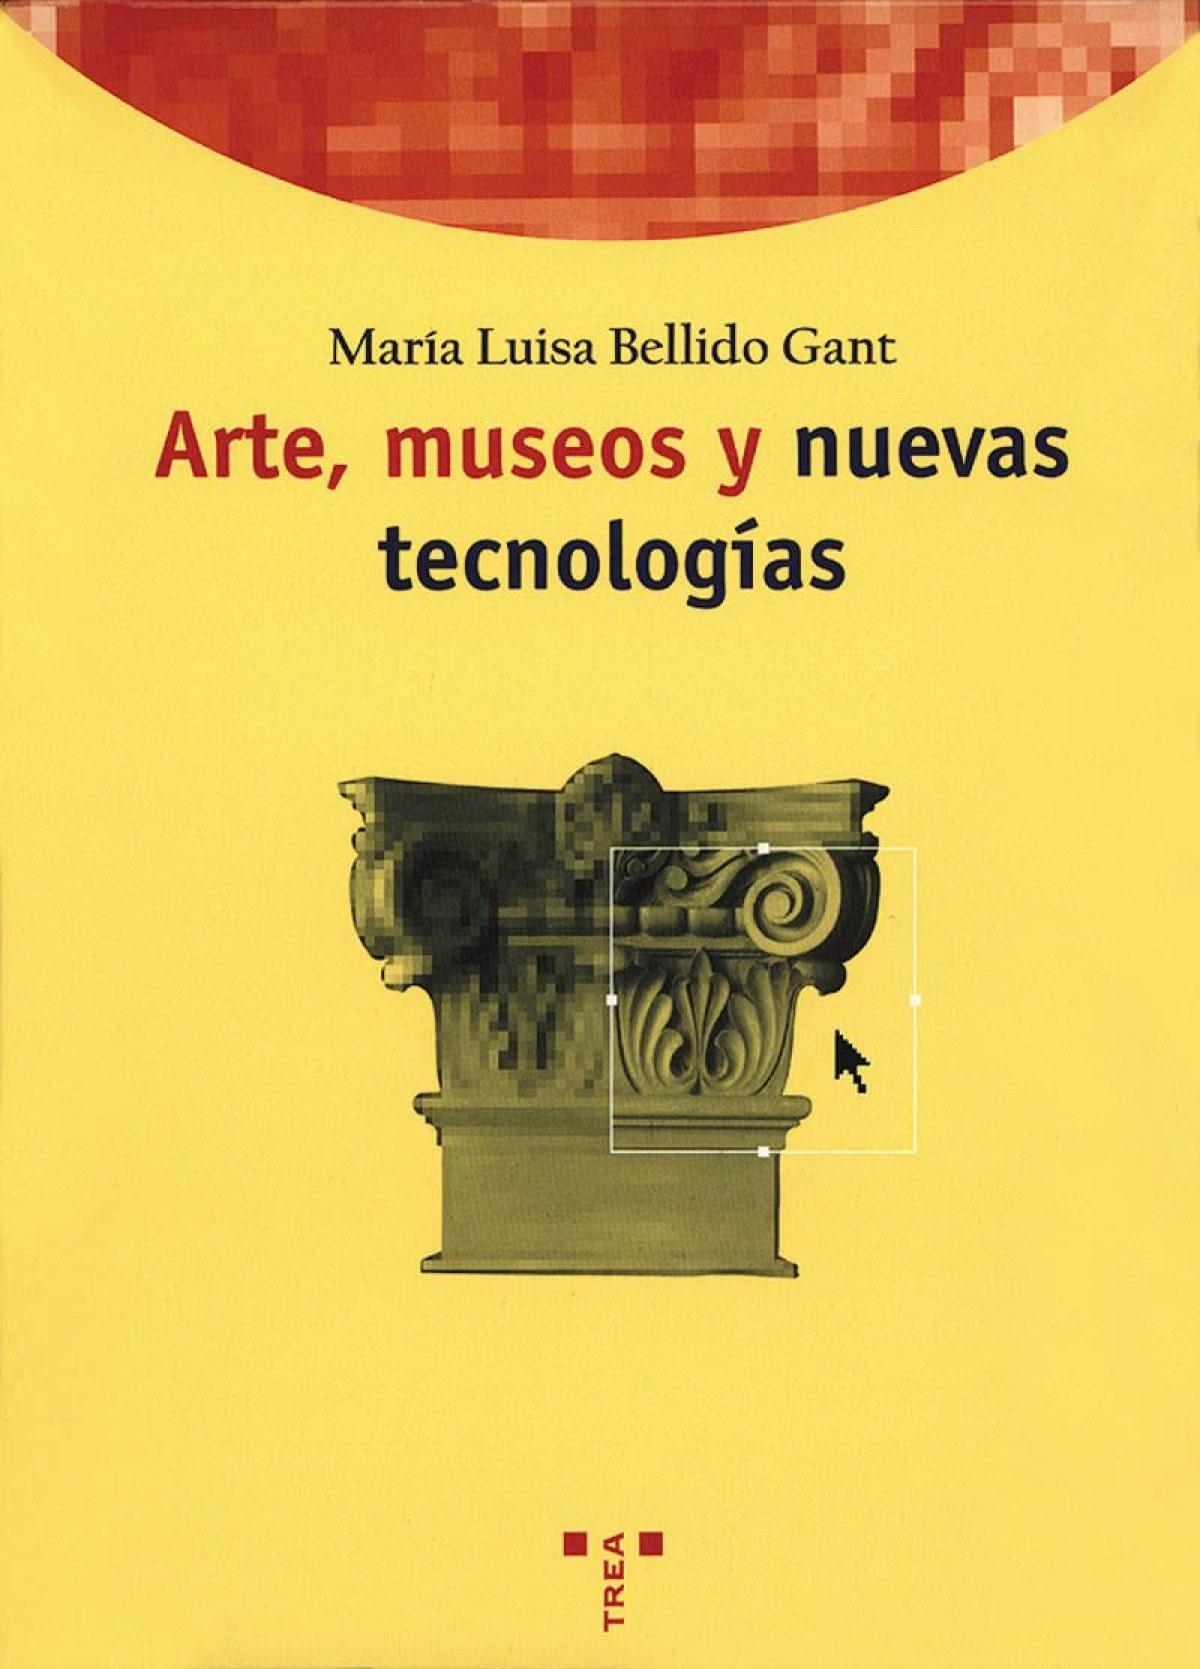 ARTE, MUSEOS Y NUEVAS TECNOLOGÍAS